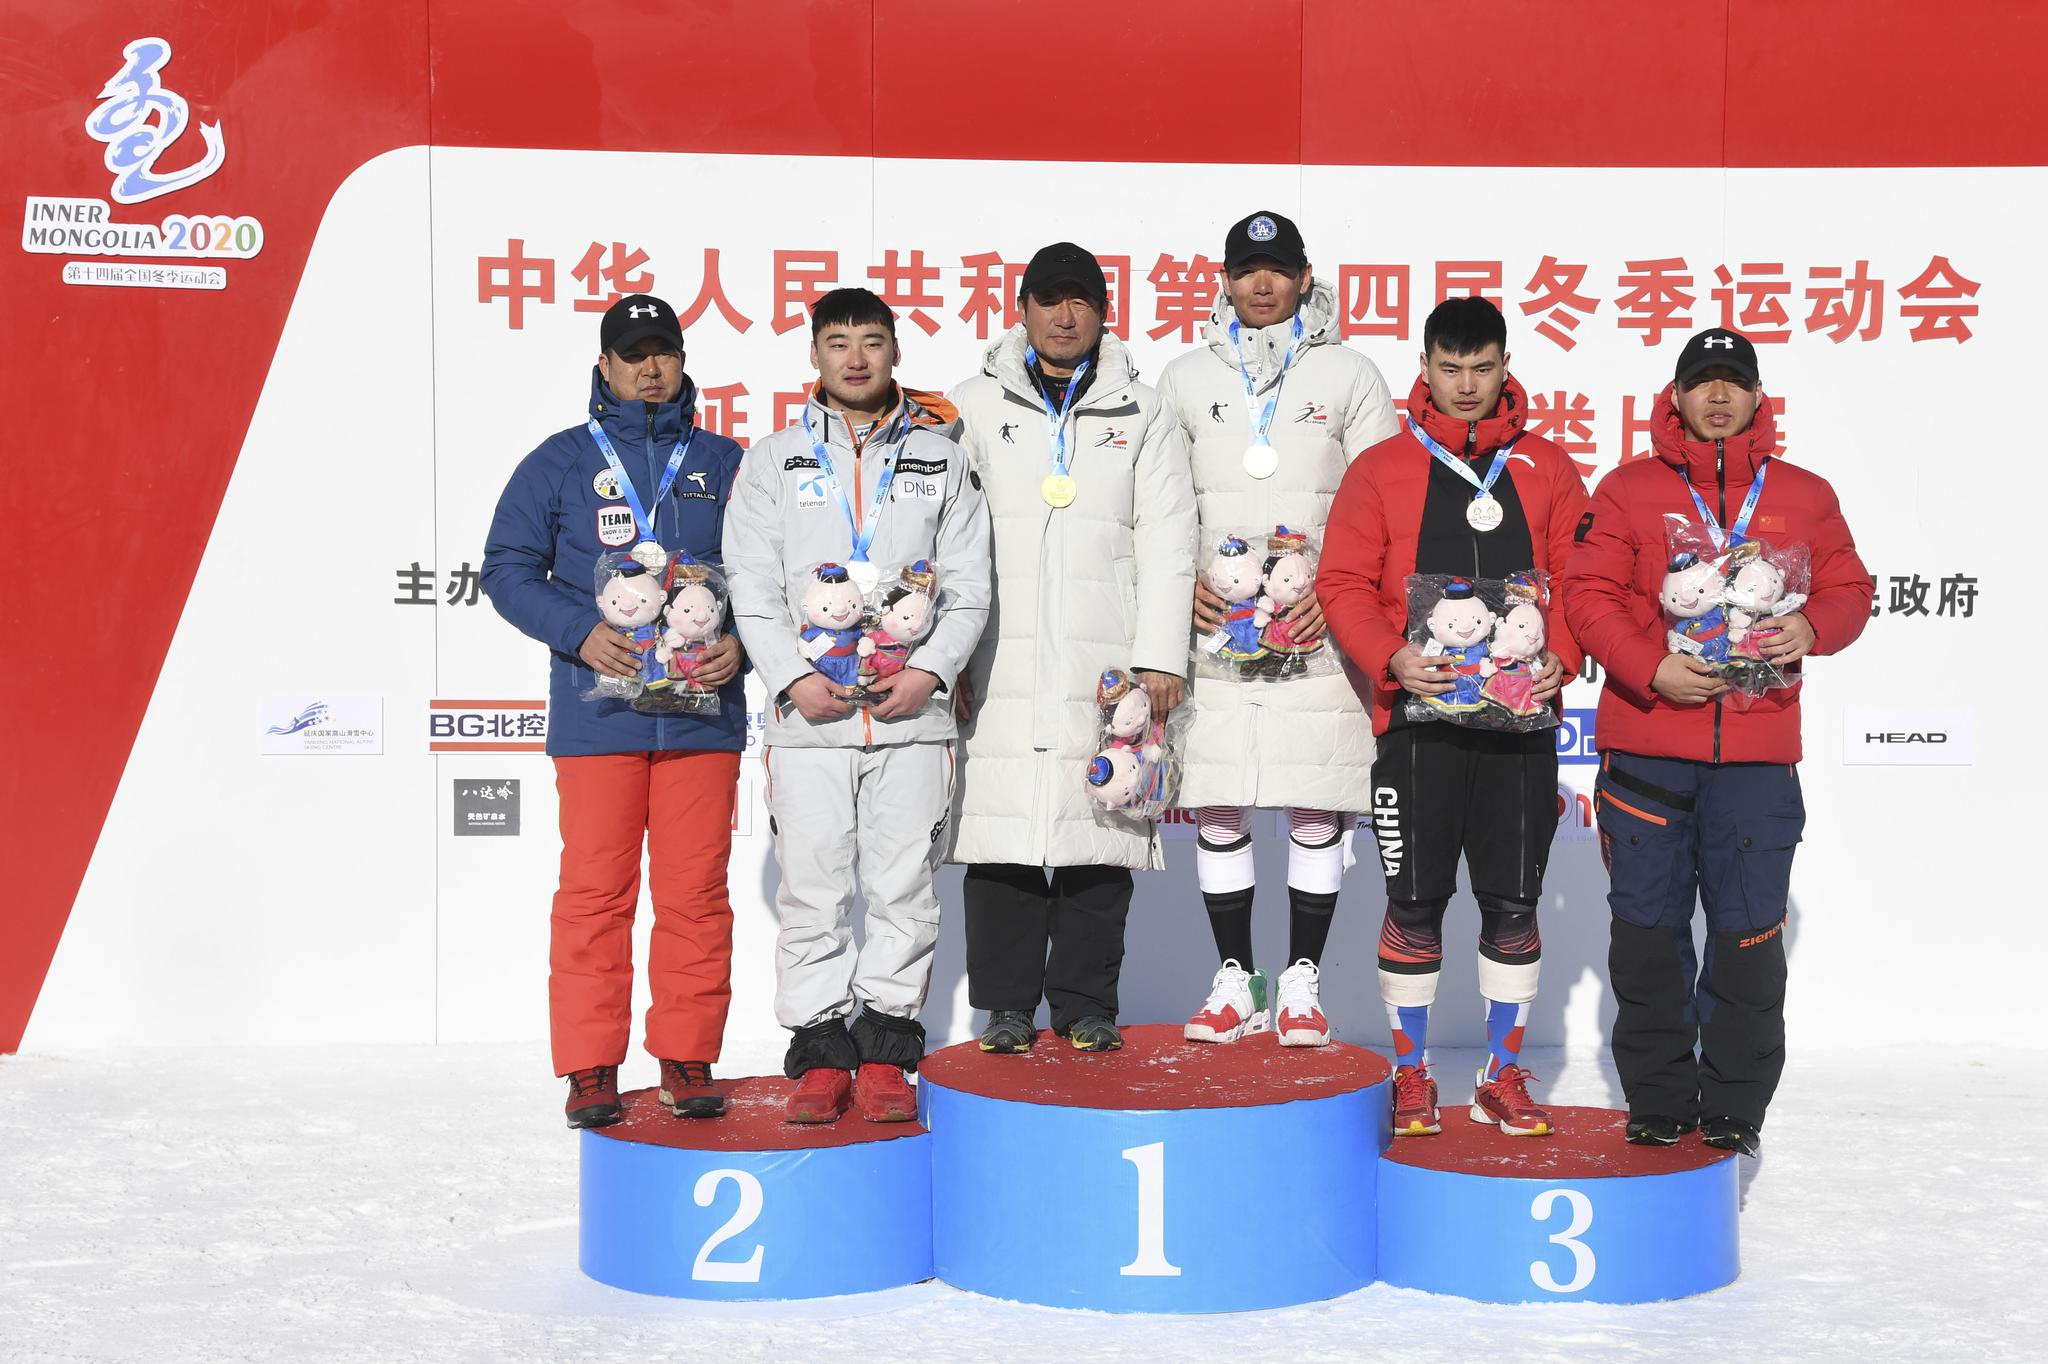 高山滑雪——男子全能比赛赛况